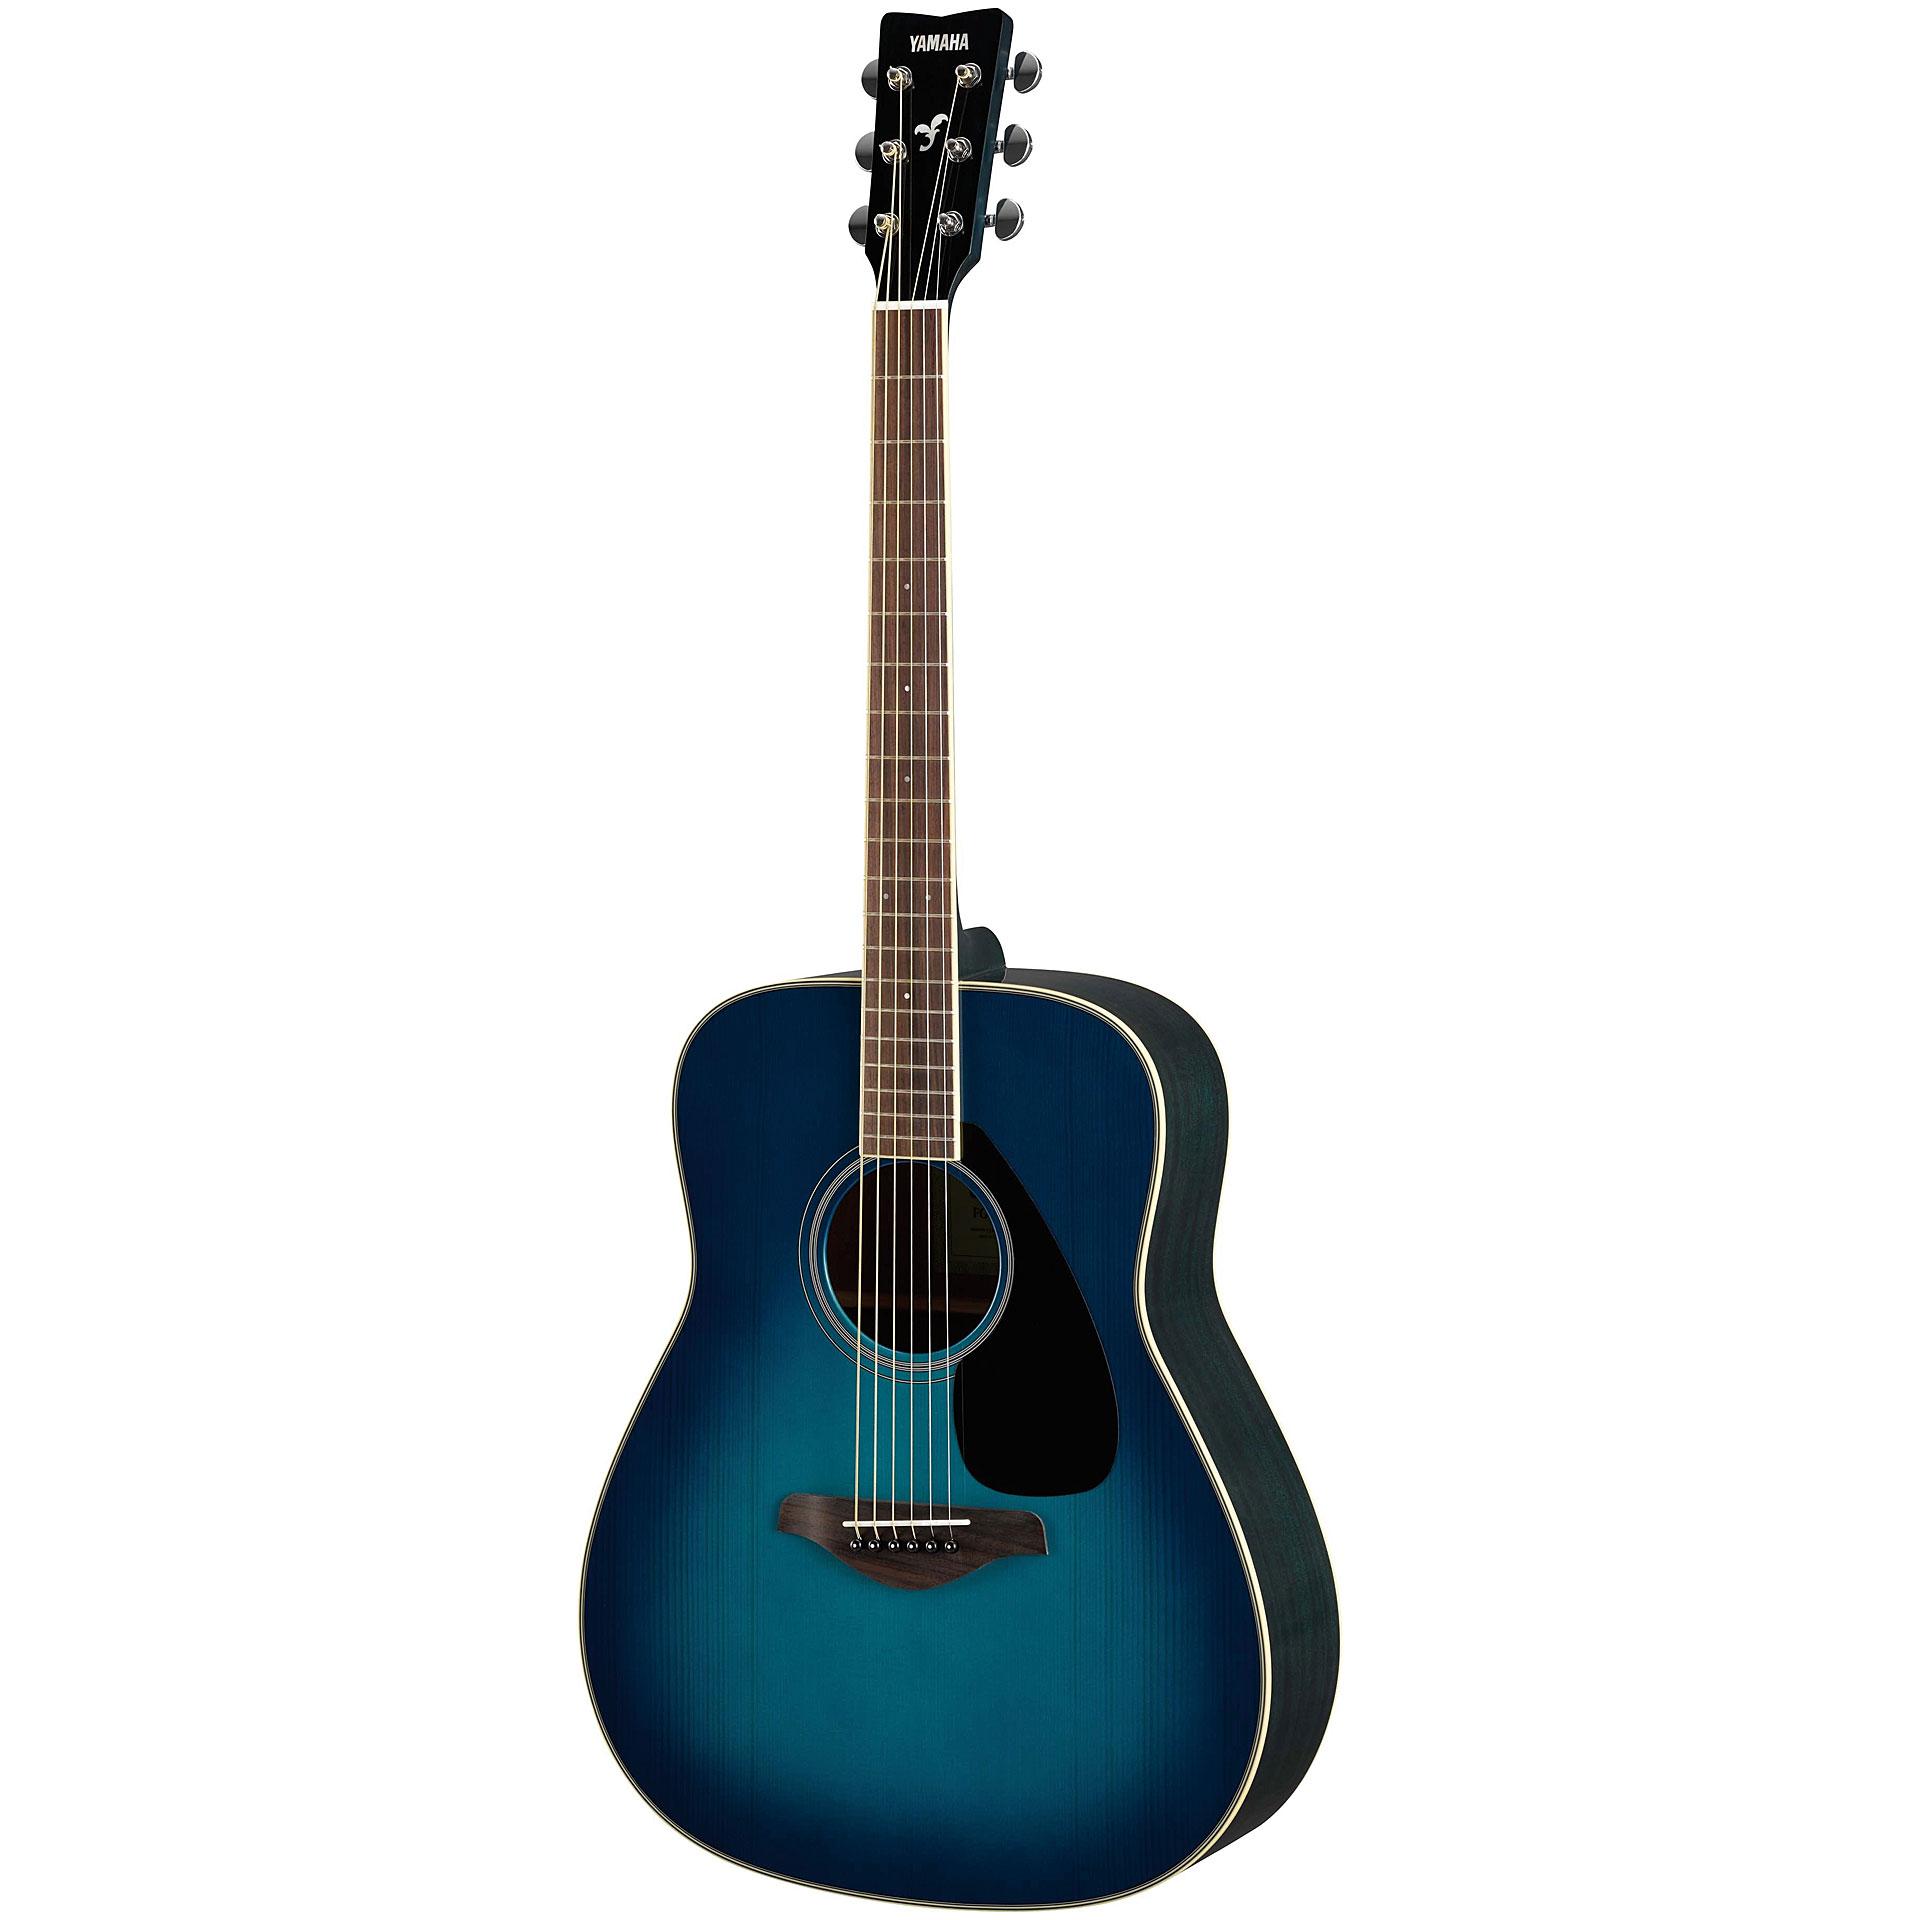 Yamaha Fg  Sb  String